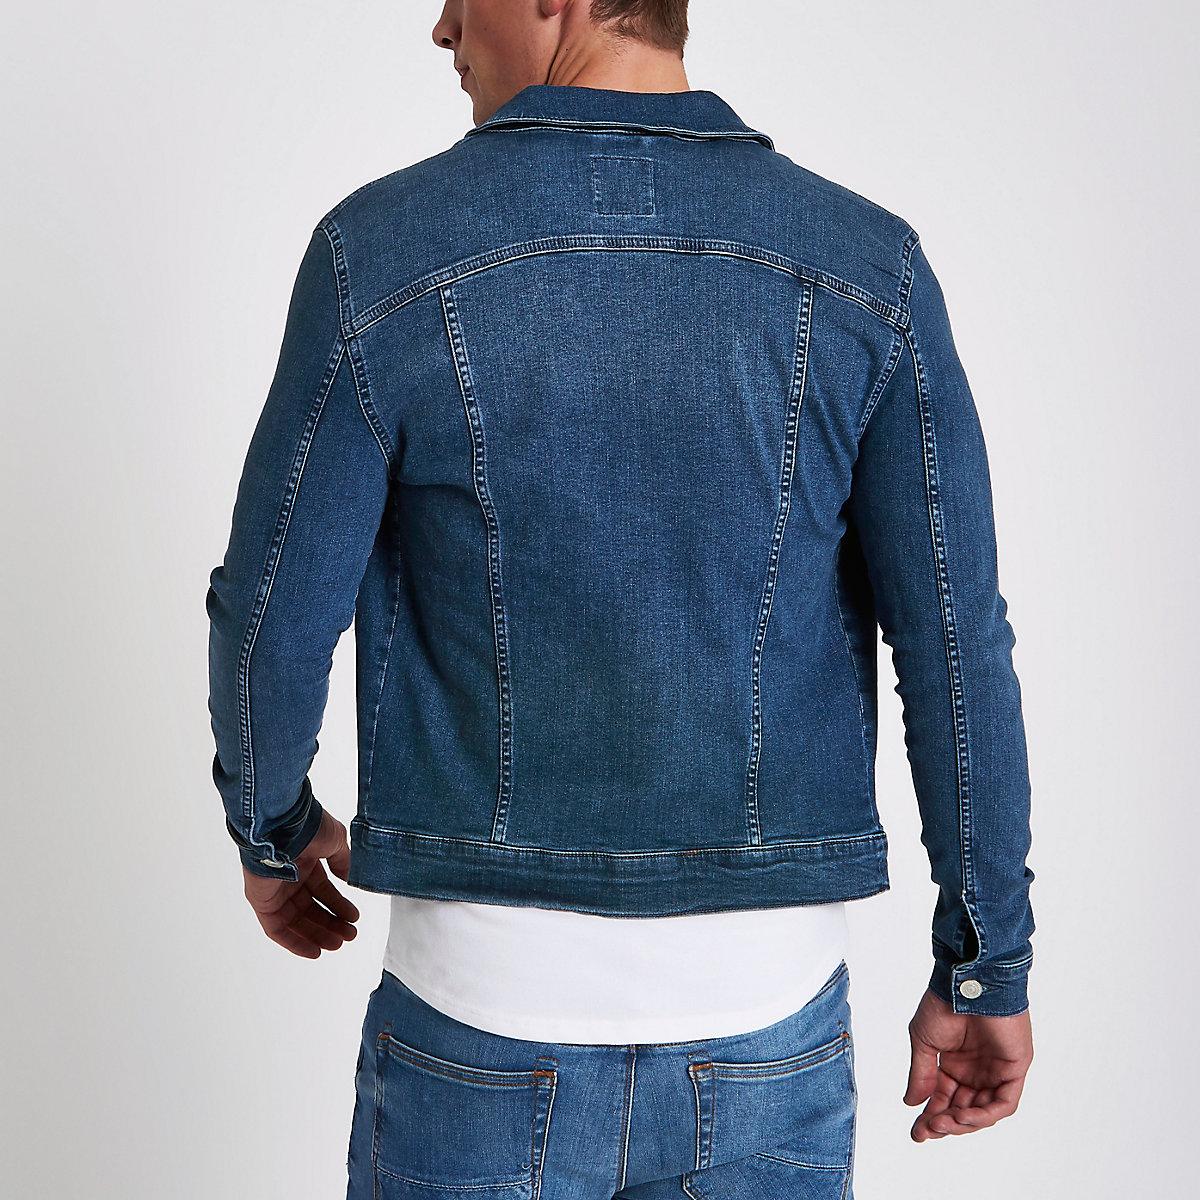 04490b122f508 Veste en jean moulante bleu délavé - Vestes - Manteaux   Vestes - Homme